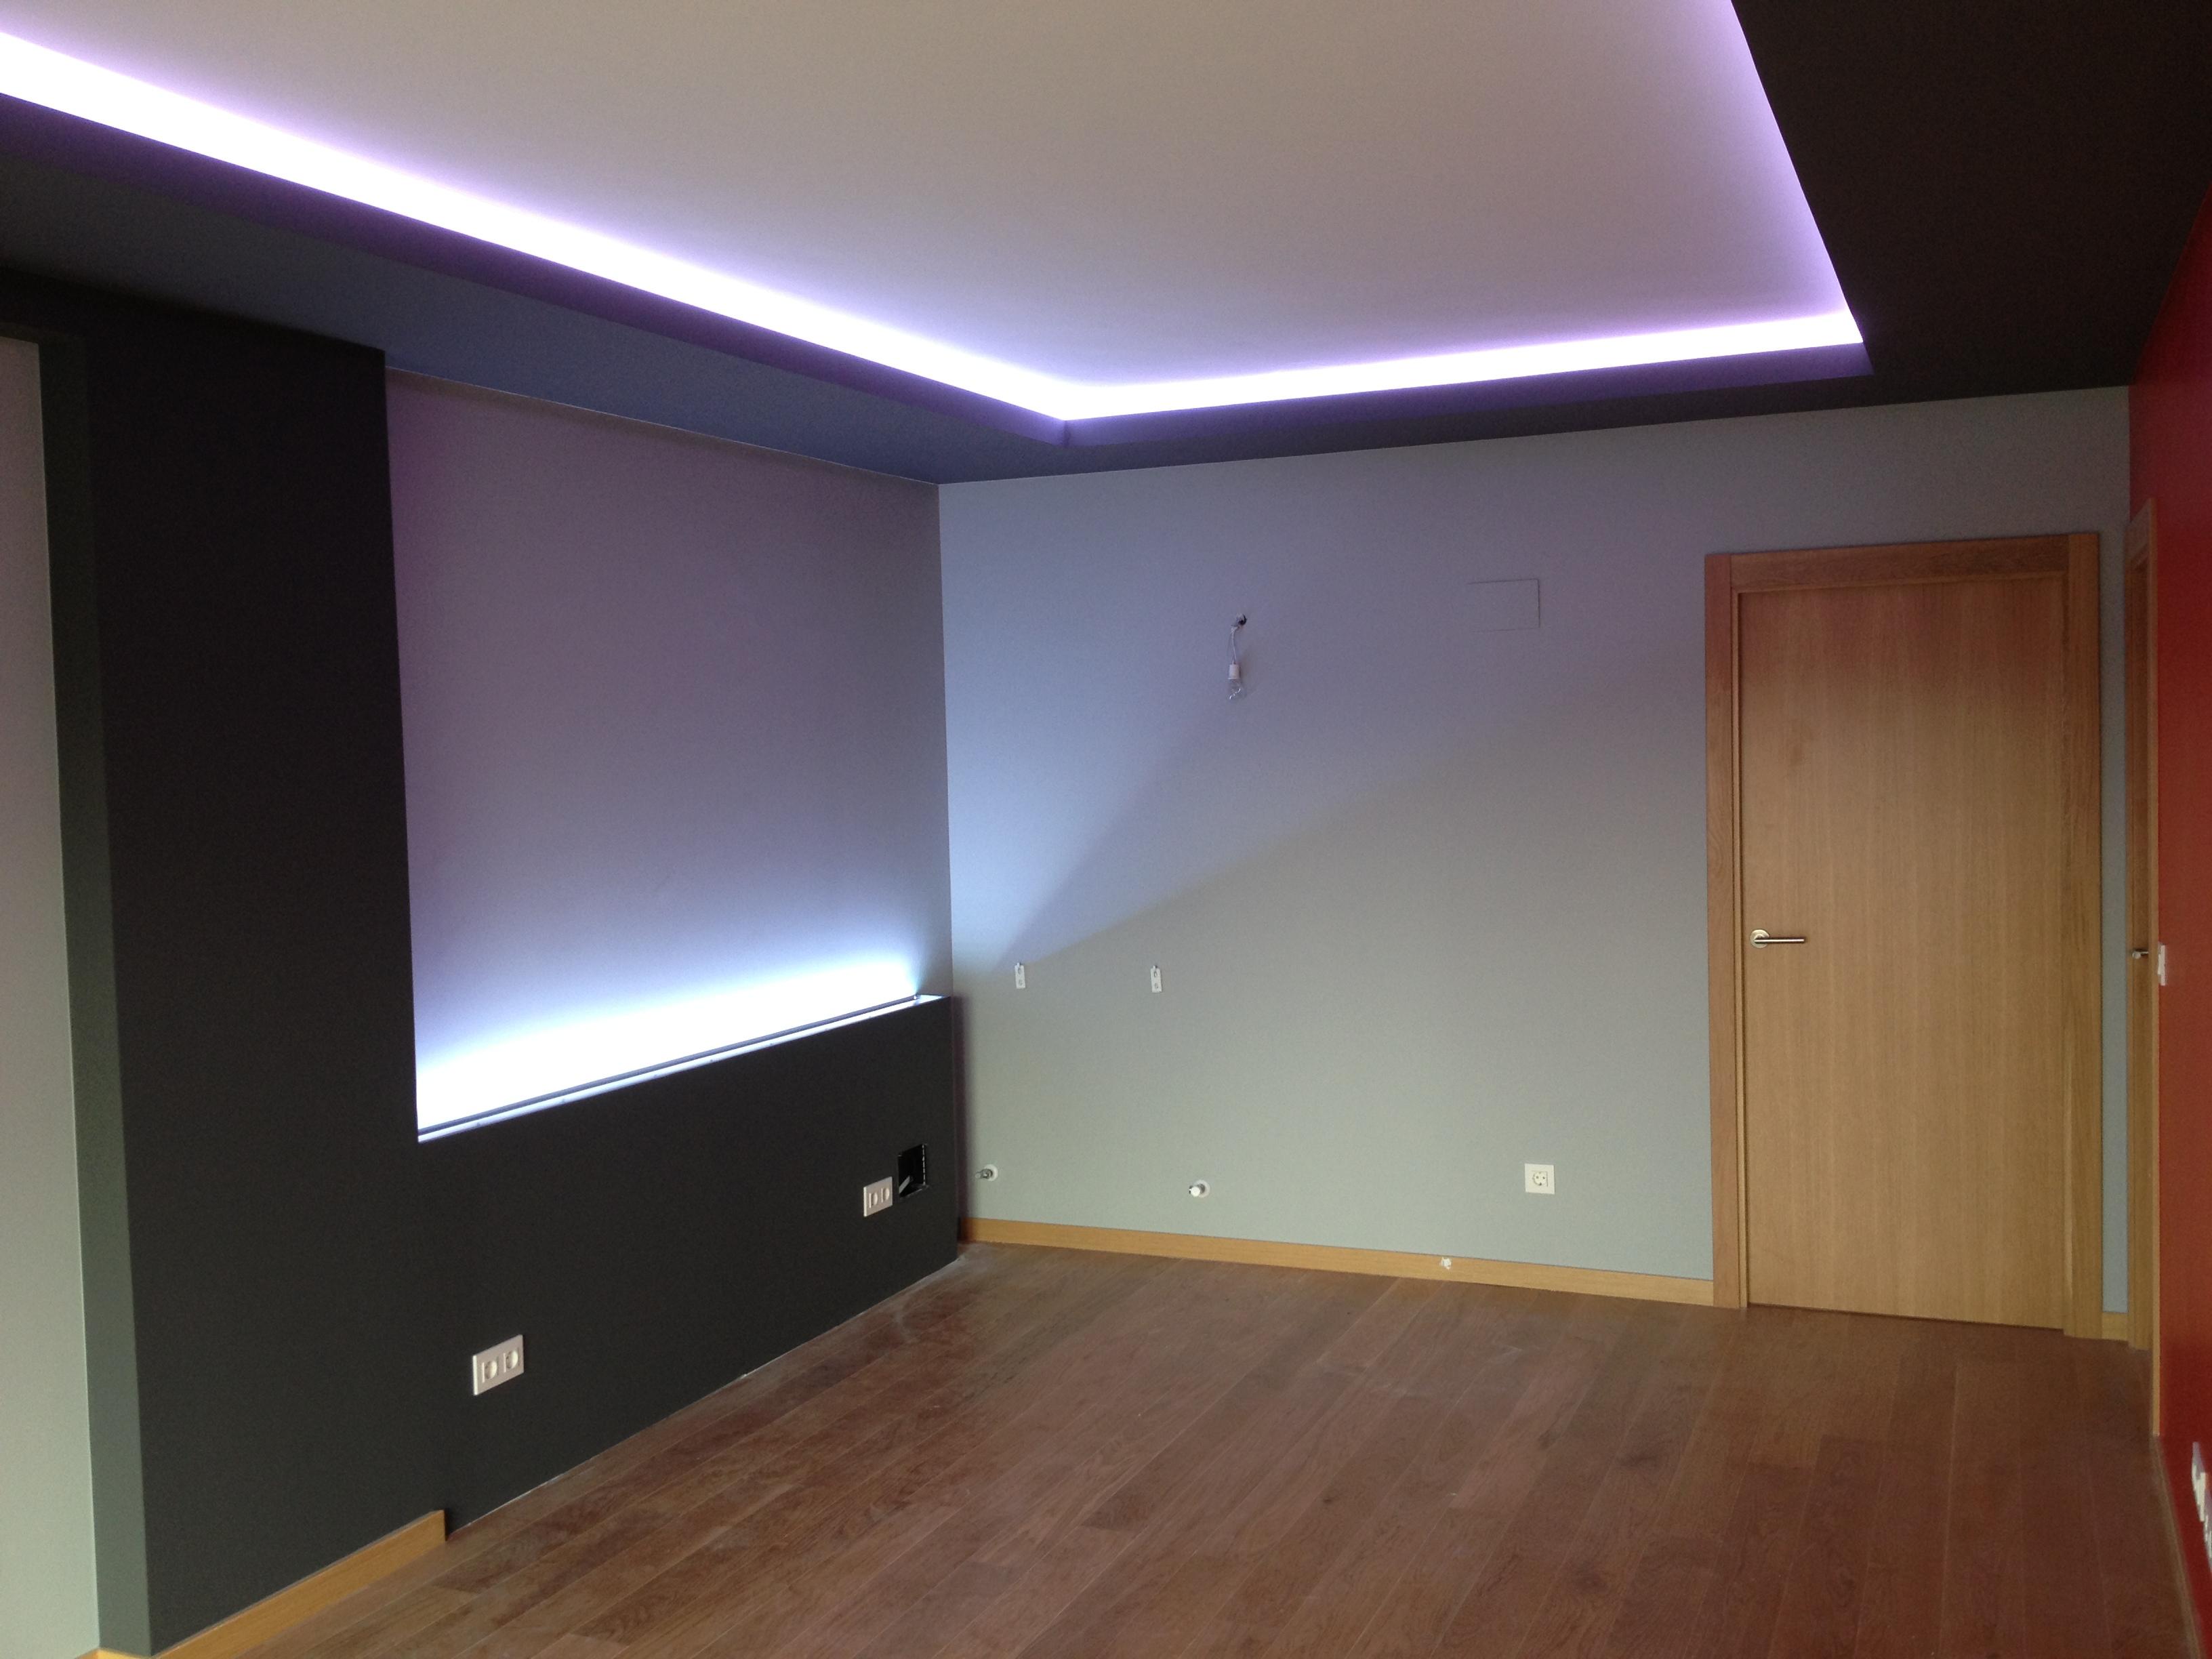 La escayola pladur y las tiras led hacen buen equipo for Crear habitacion 3d online